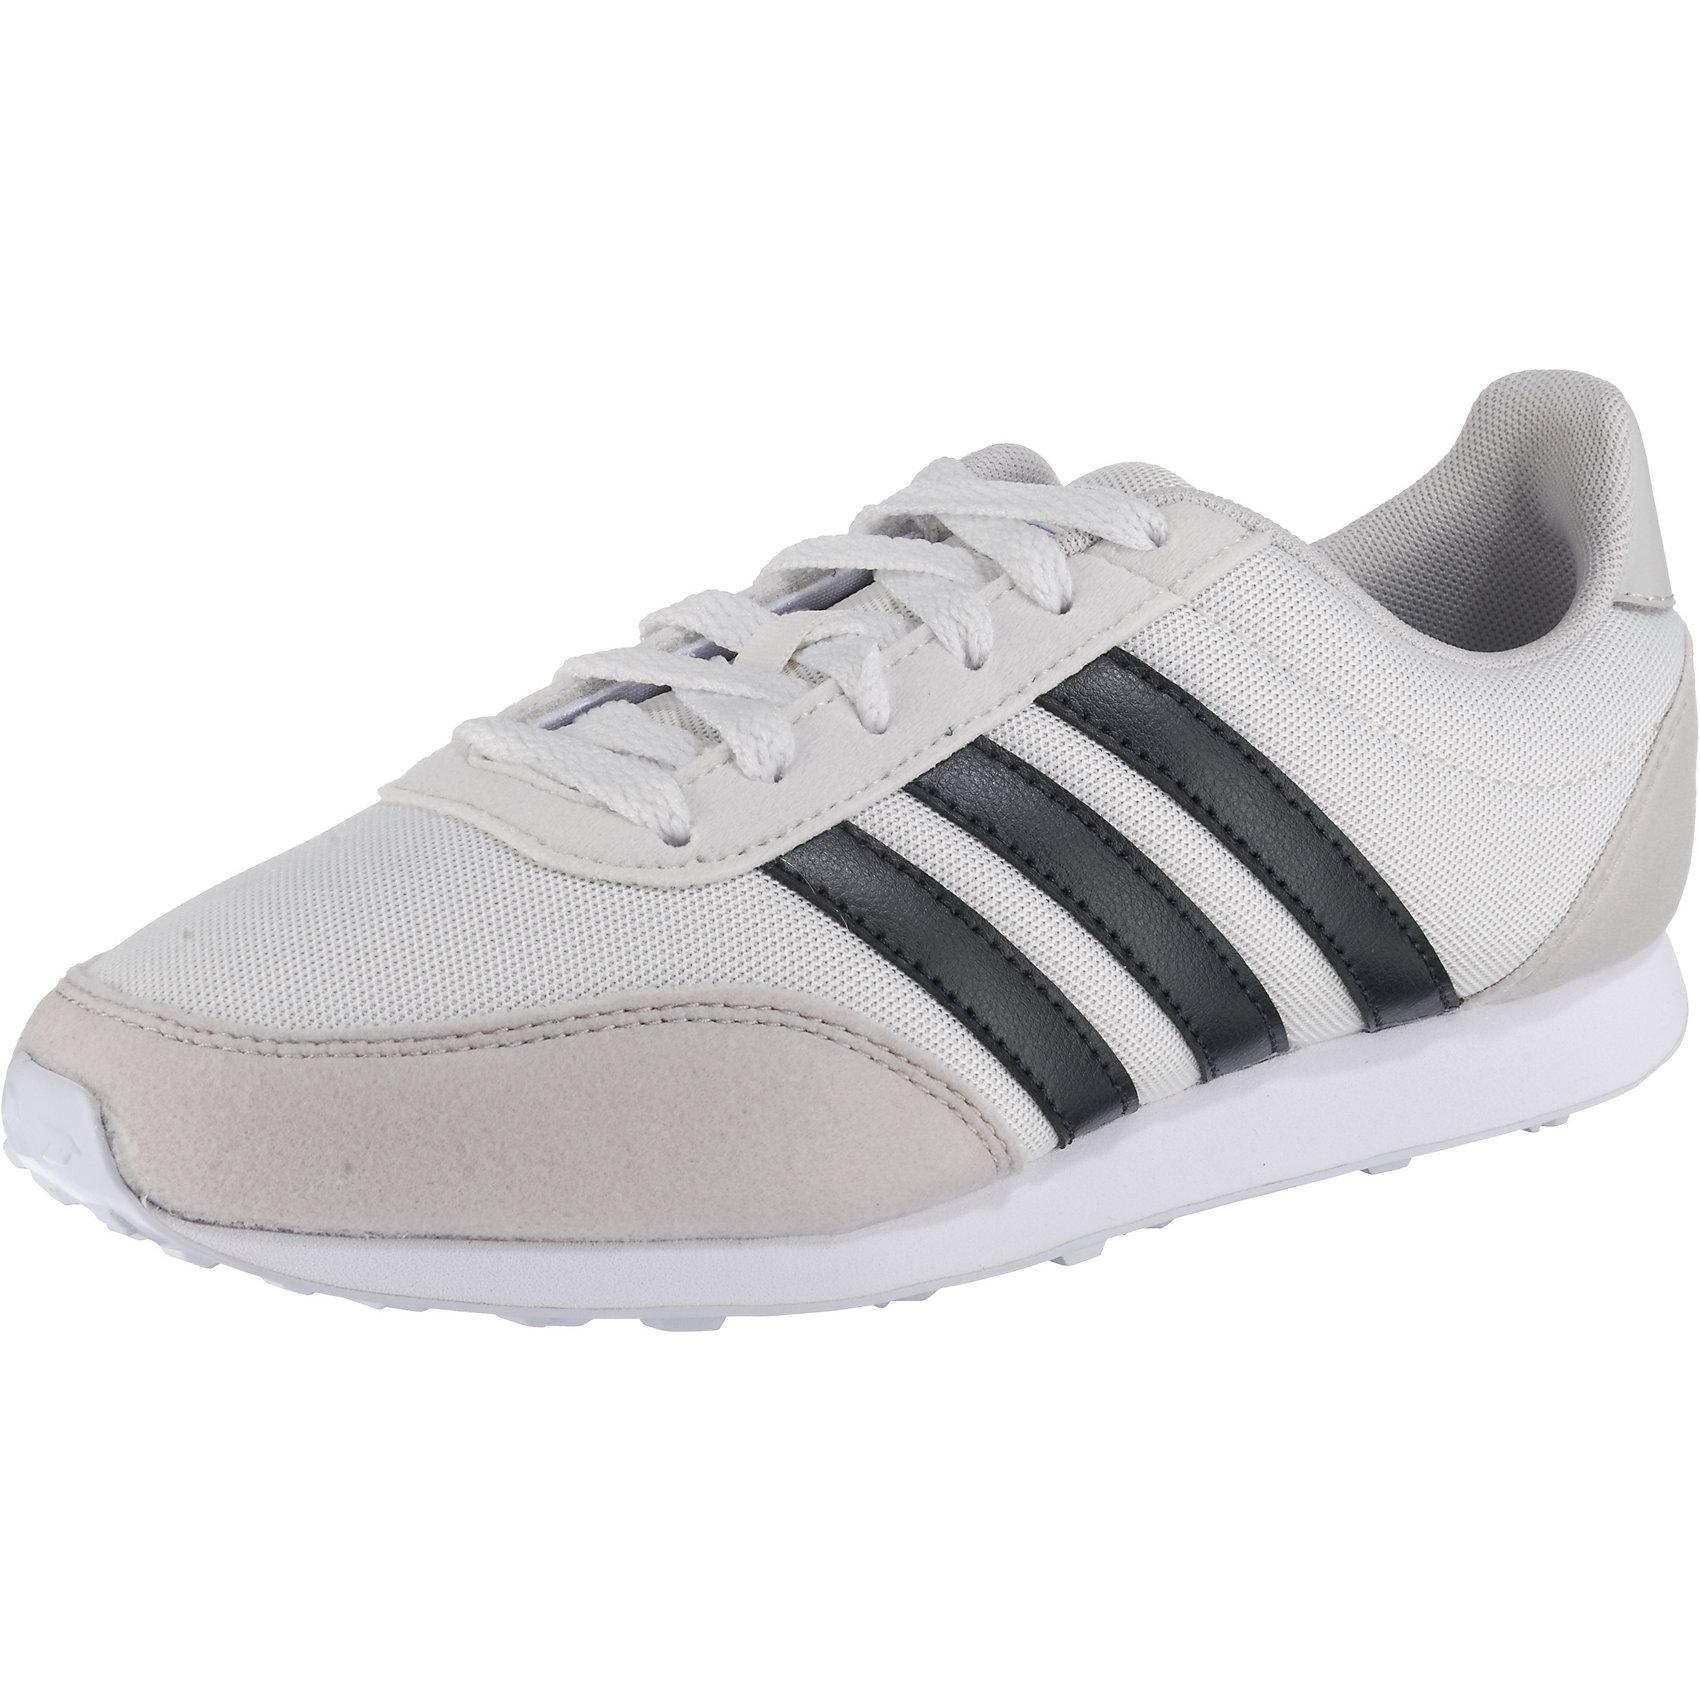 Details zu Neu adidas Sport Inspired V Racer 2.0 W Sneakers 7501677 für  Damen weiß